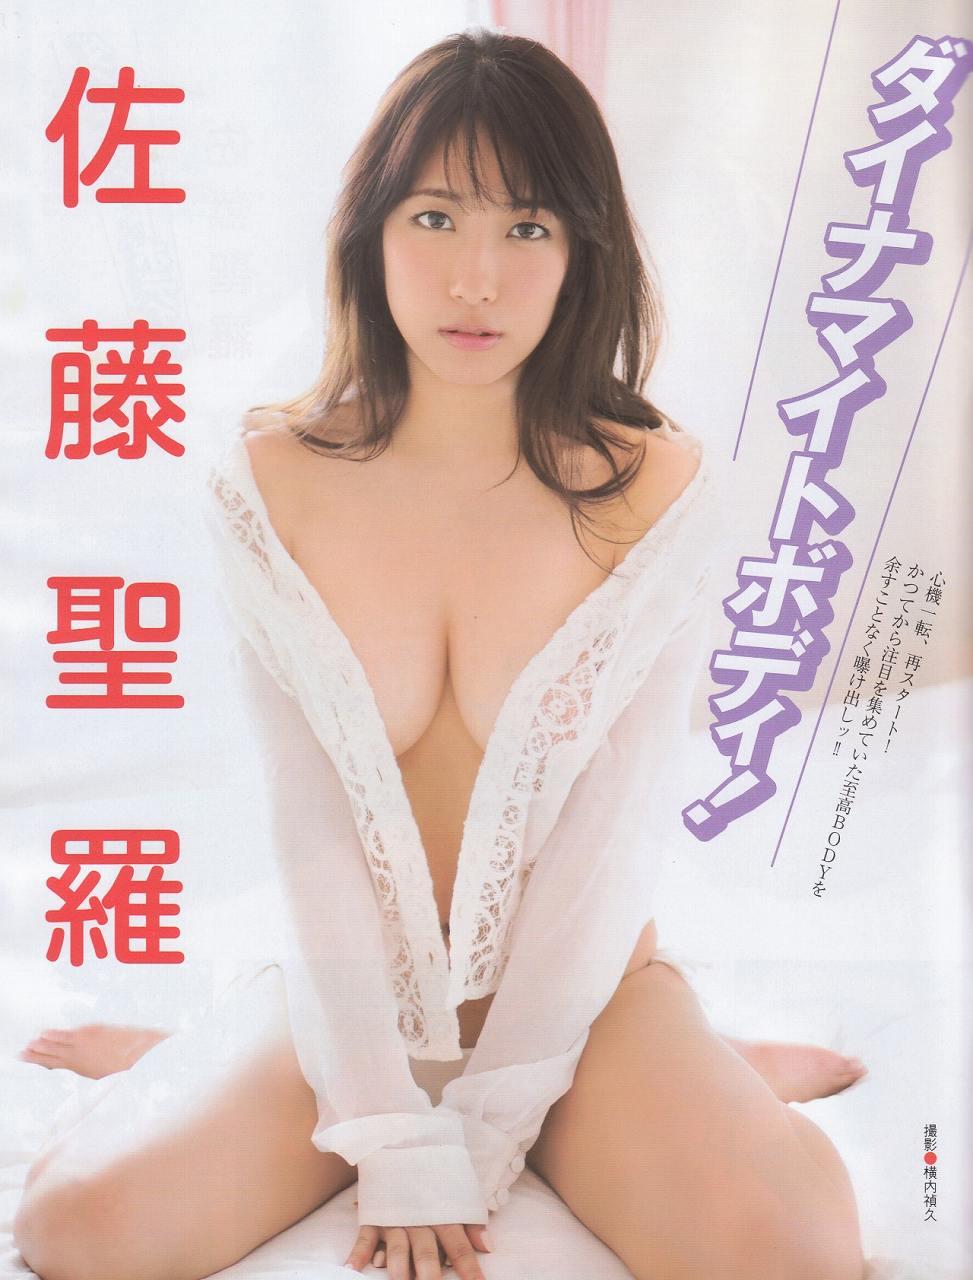 元SKE48の佐藤聖羅